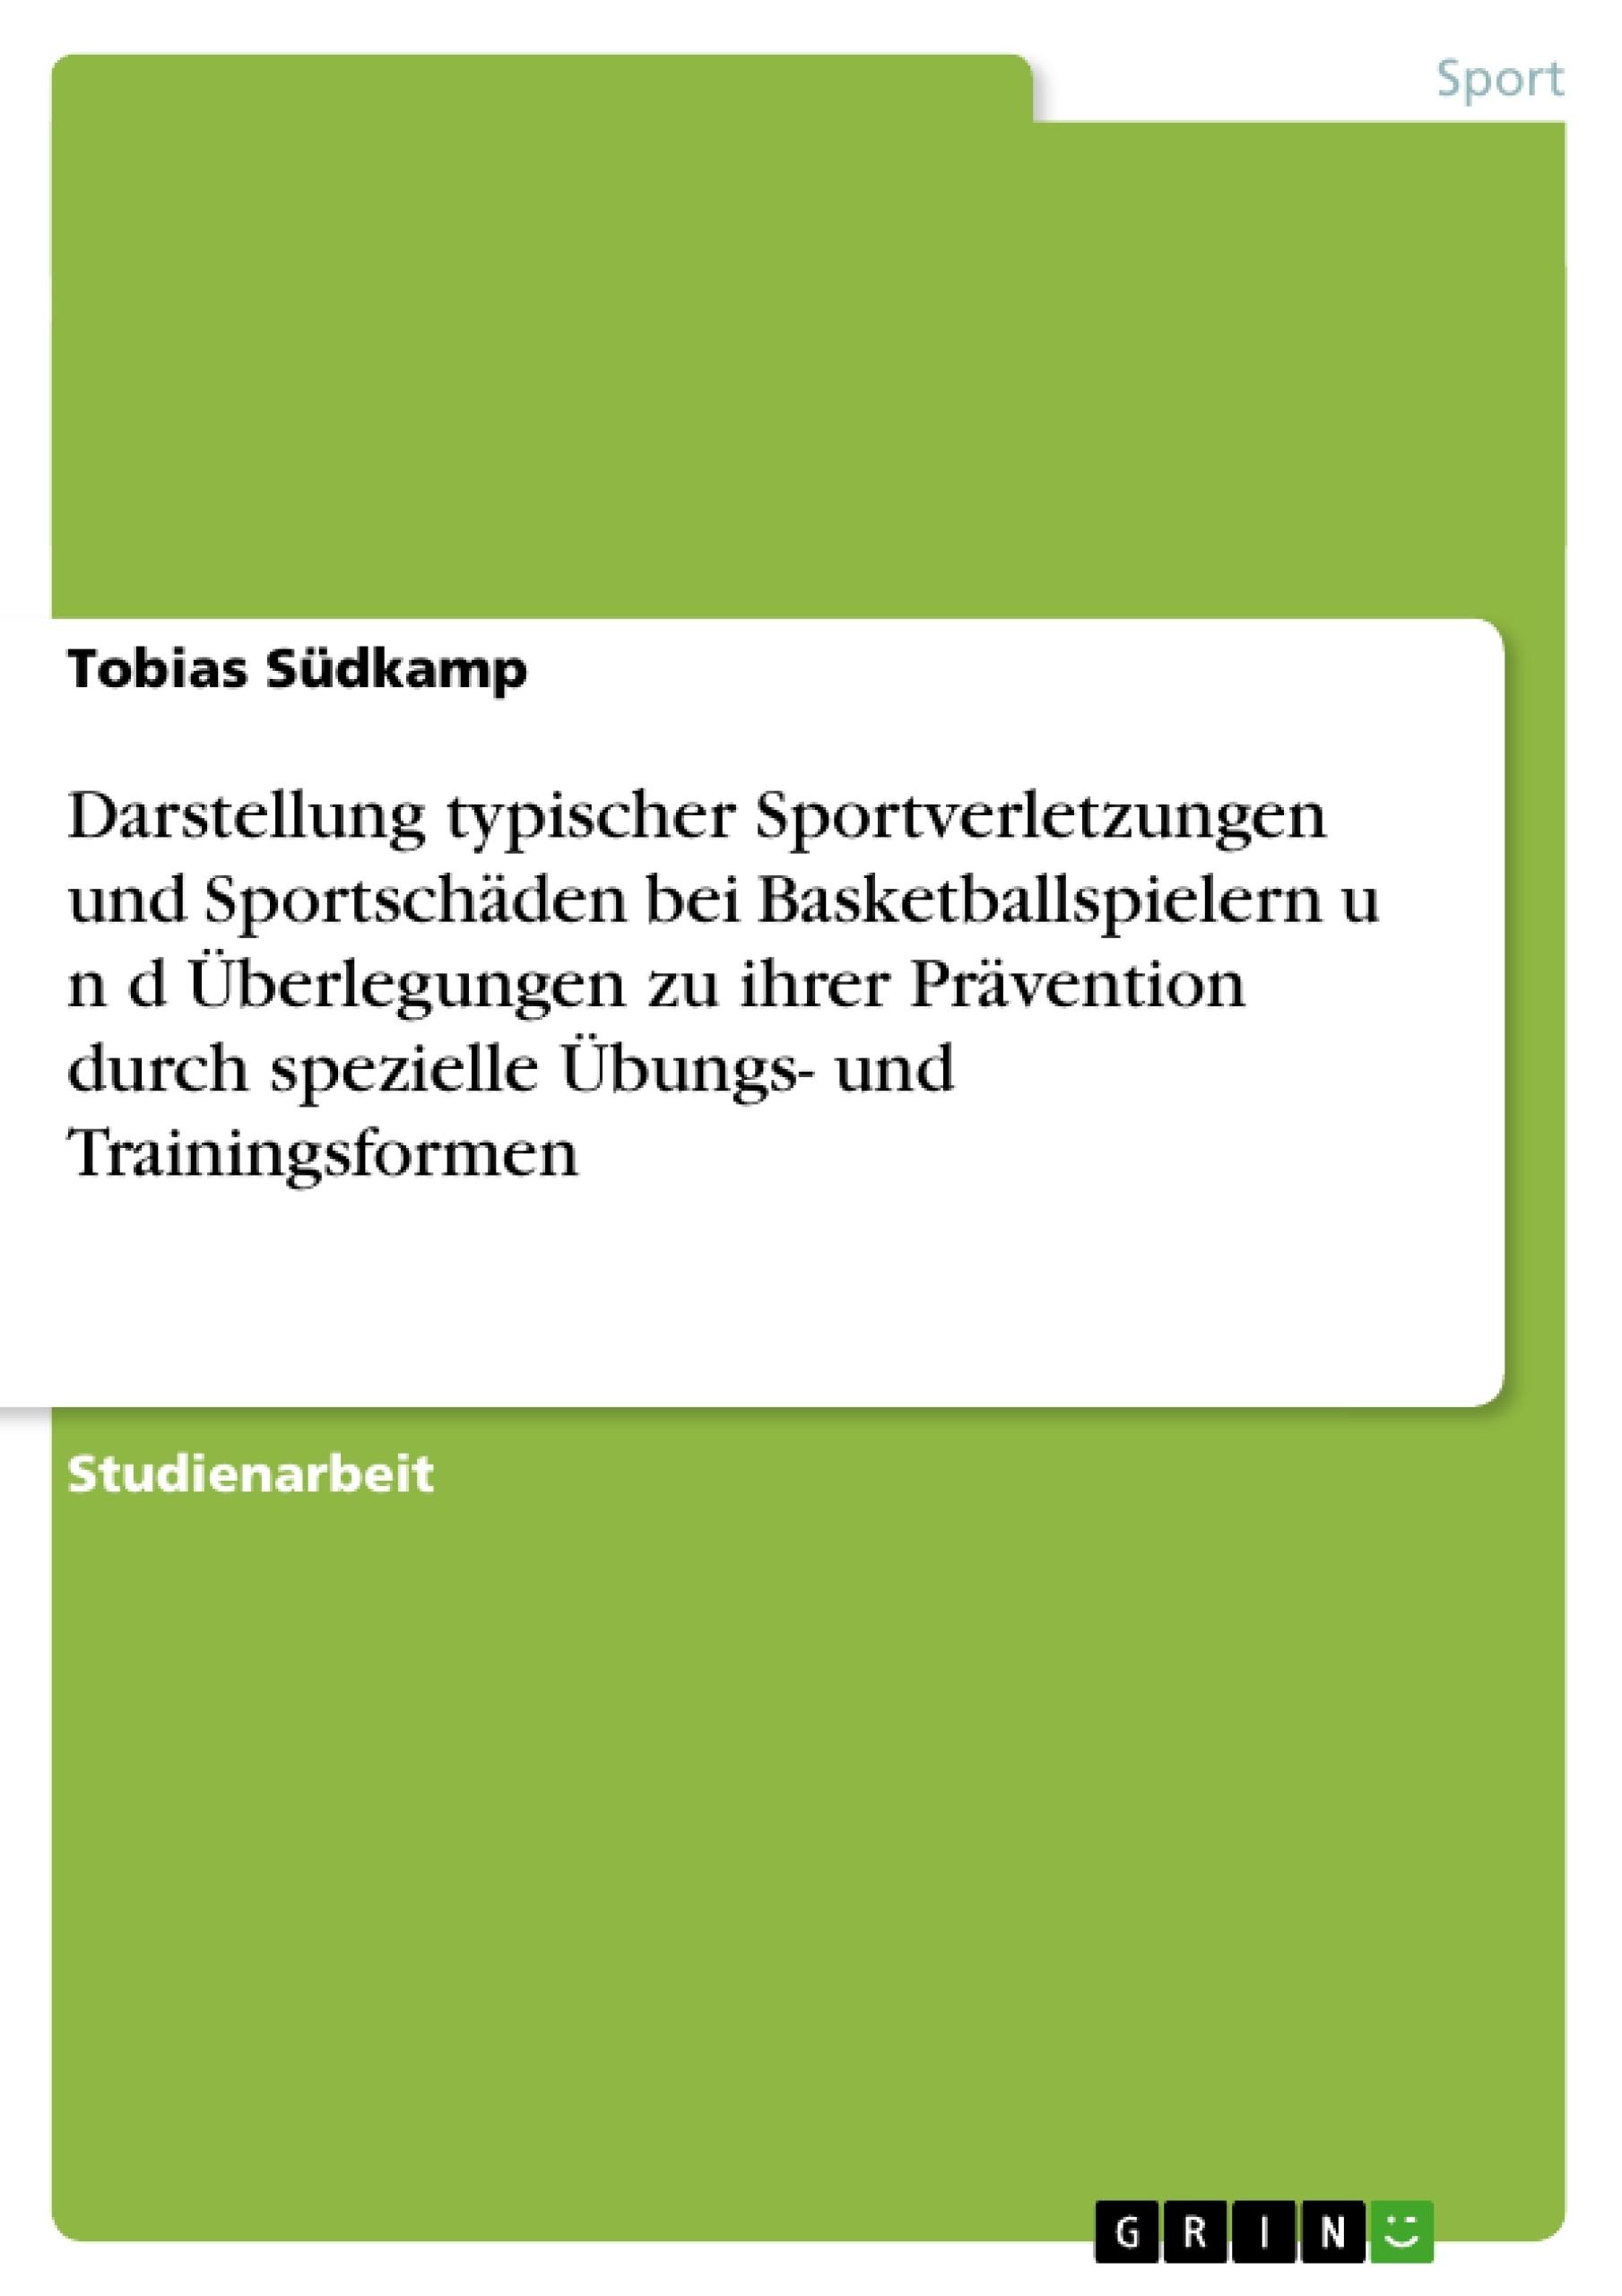 Titel: Darstellung typischer Sportverletzungen und Sportschäden bei Basketballspielern  u n d  Überlegungen zu ihrer Prävention durch spezielle Übungs- und Trainingsformen